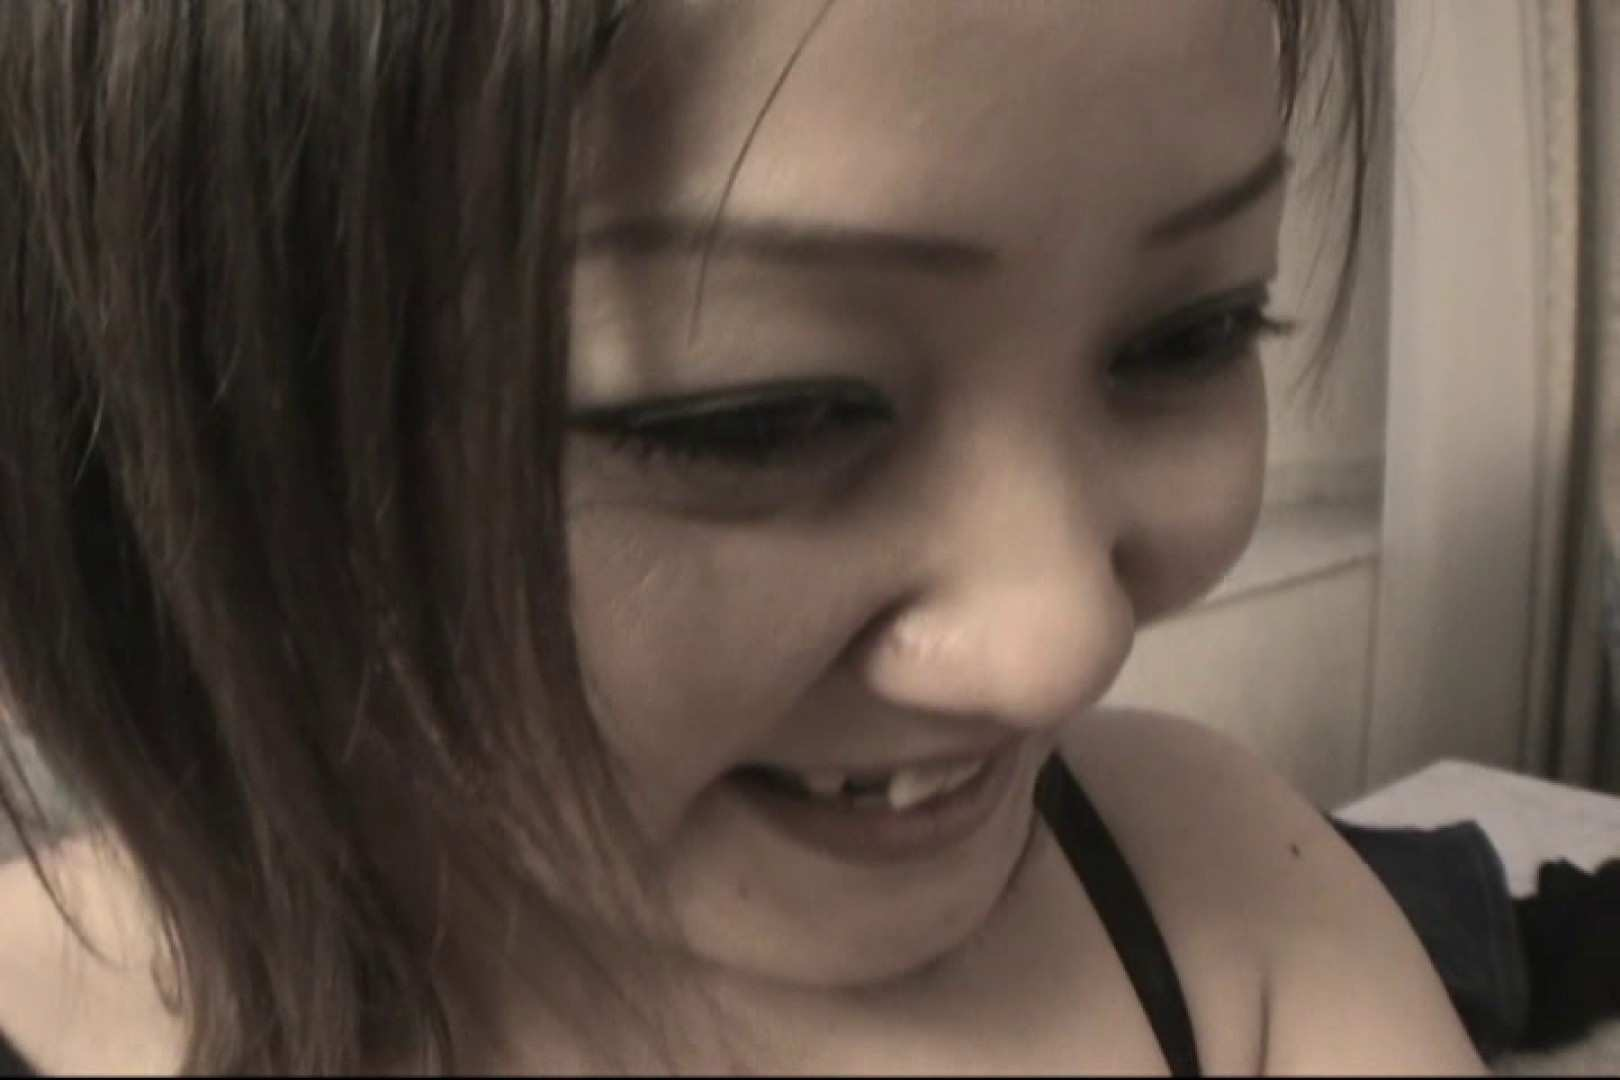 エロフェロモン全開の彼女に中出しSEX~青山ちか~ フェラ アダルト動画キャプチャ 55枚 30